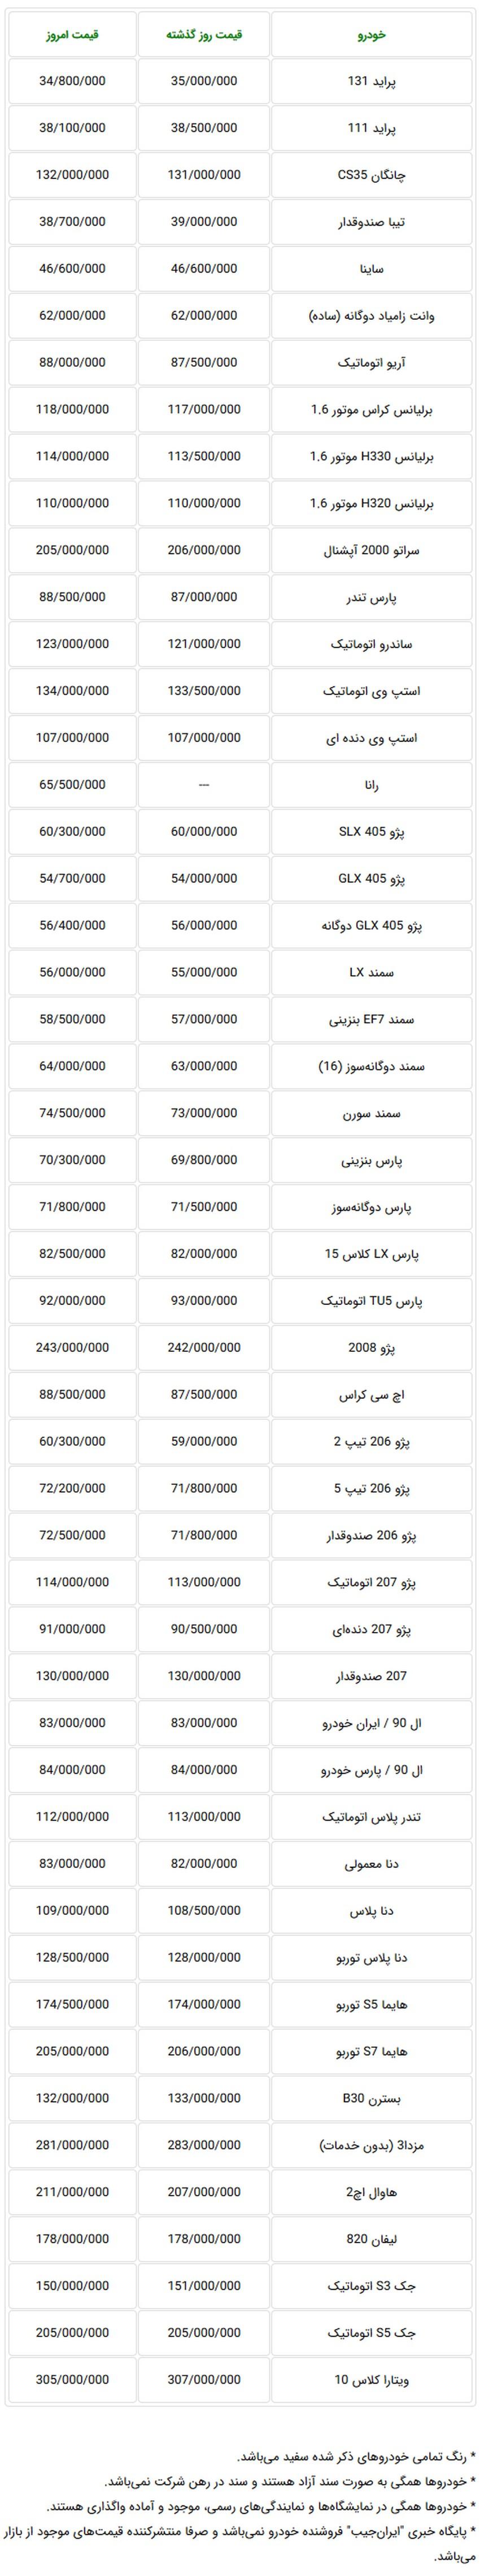 اعلام قیمت جدید خودروهای تولید داخل در بازار تهران - ۷ آذرماه 97